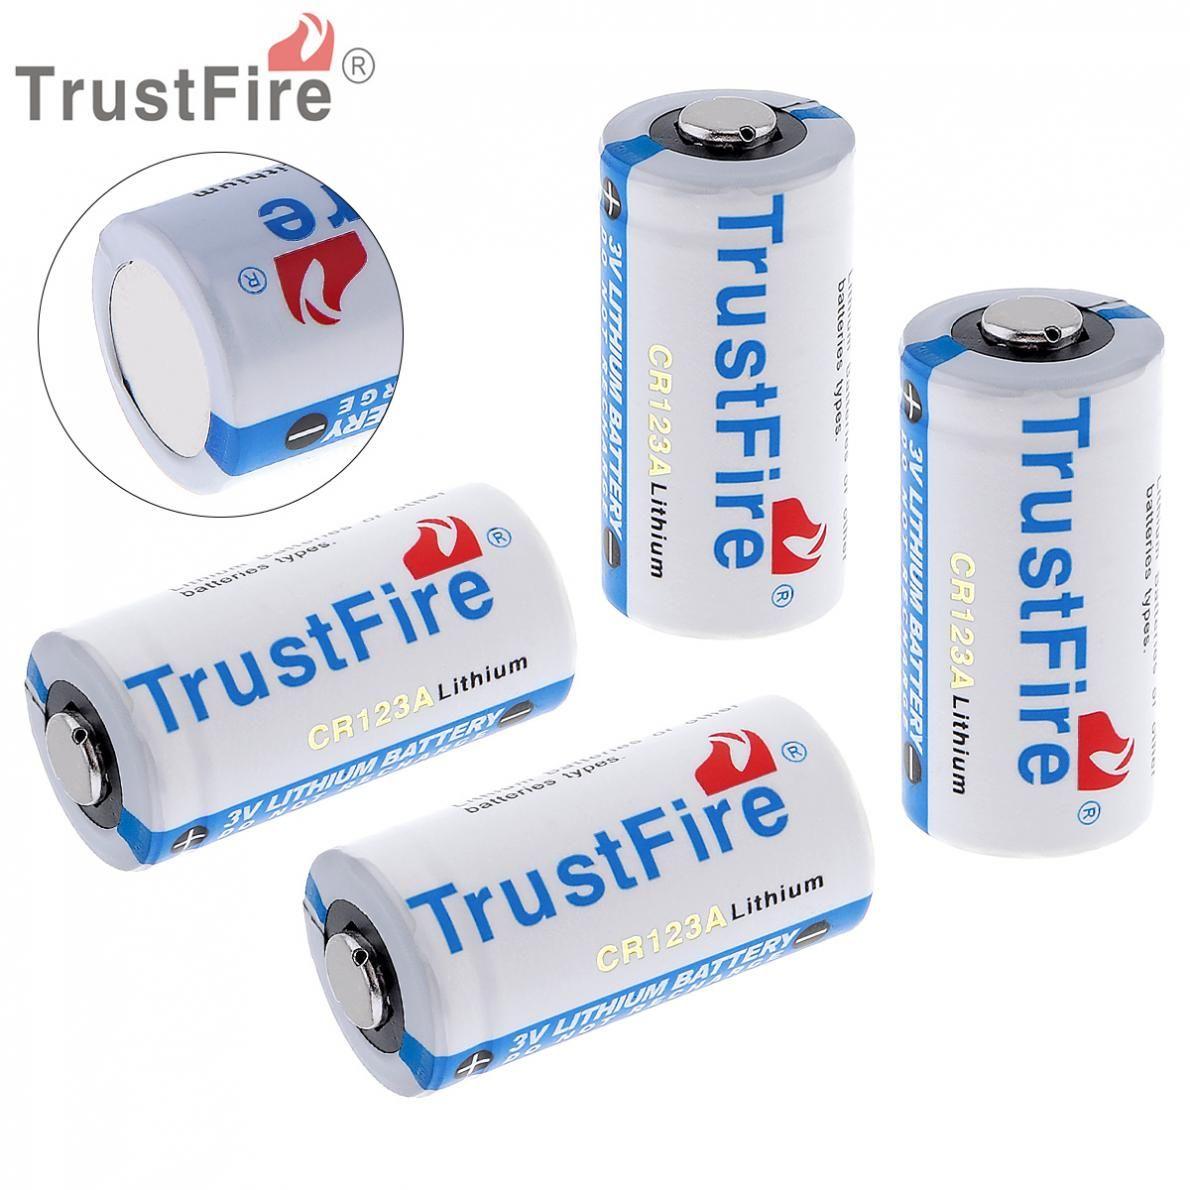 Trustfire 4 pièces haute qualité CR123A 16340 Lithium Li-ion batterie Trustfire 3V 1400mAh 16340 batteries